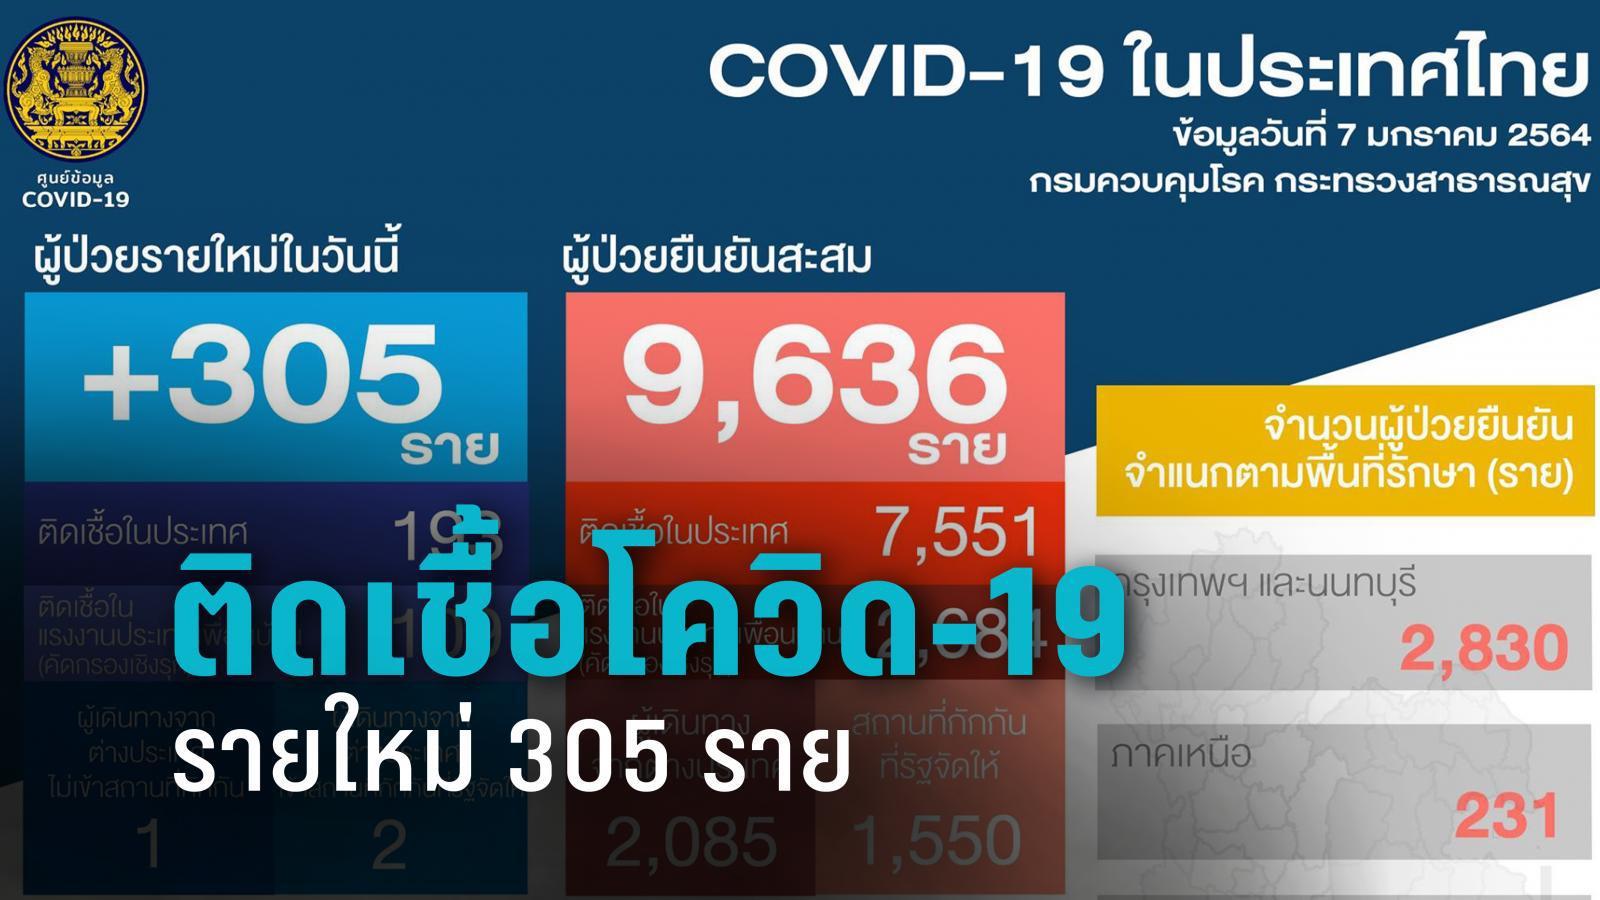 พุ่งไม่หยุด! ติดเชื้อโควิด-19 รายใหม่ 305 รายเสียชีวิตเพิ่ม 1 ราย